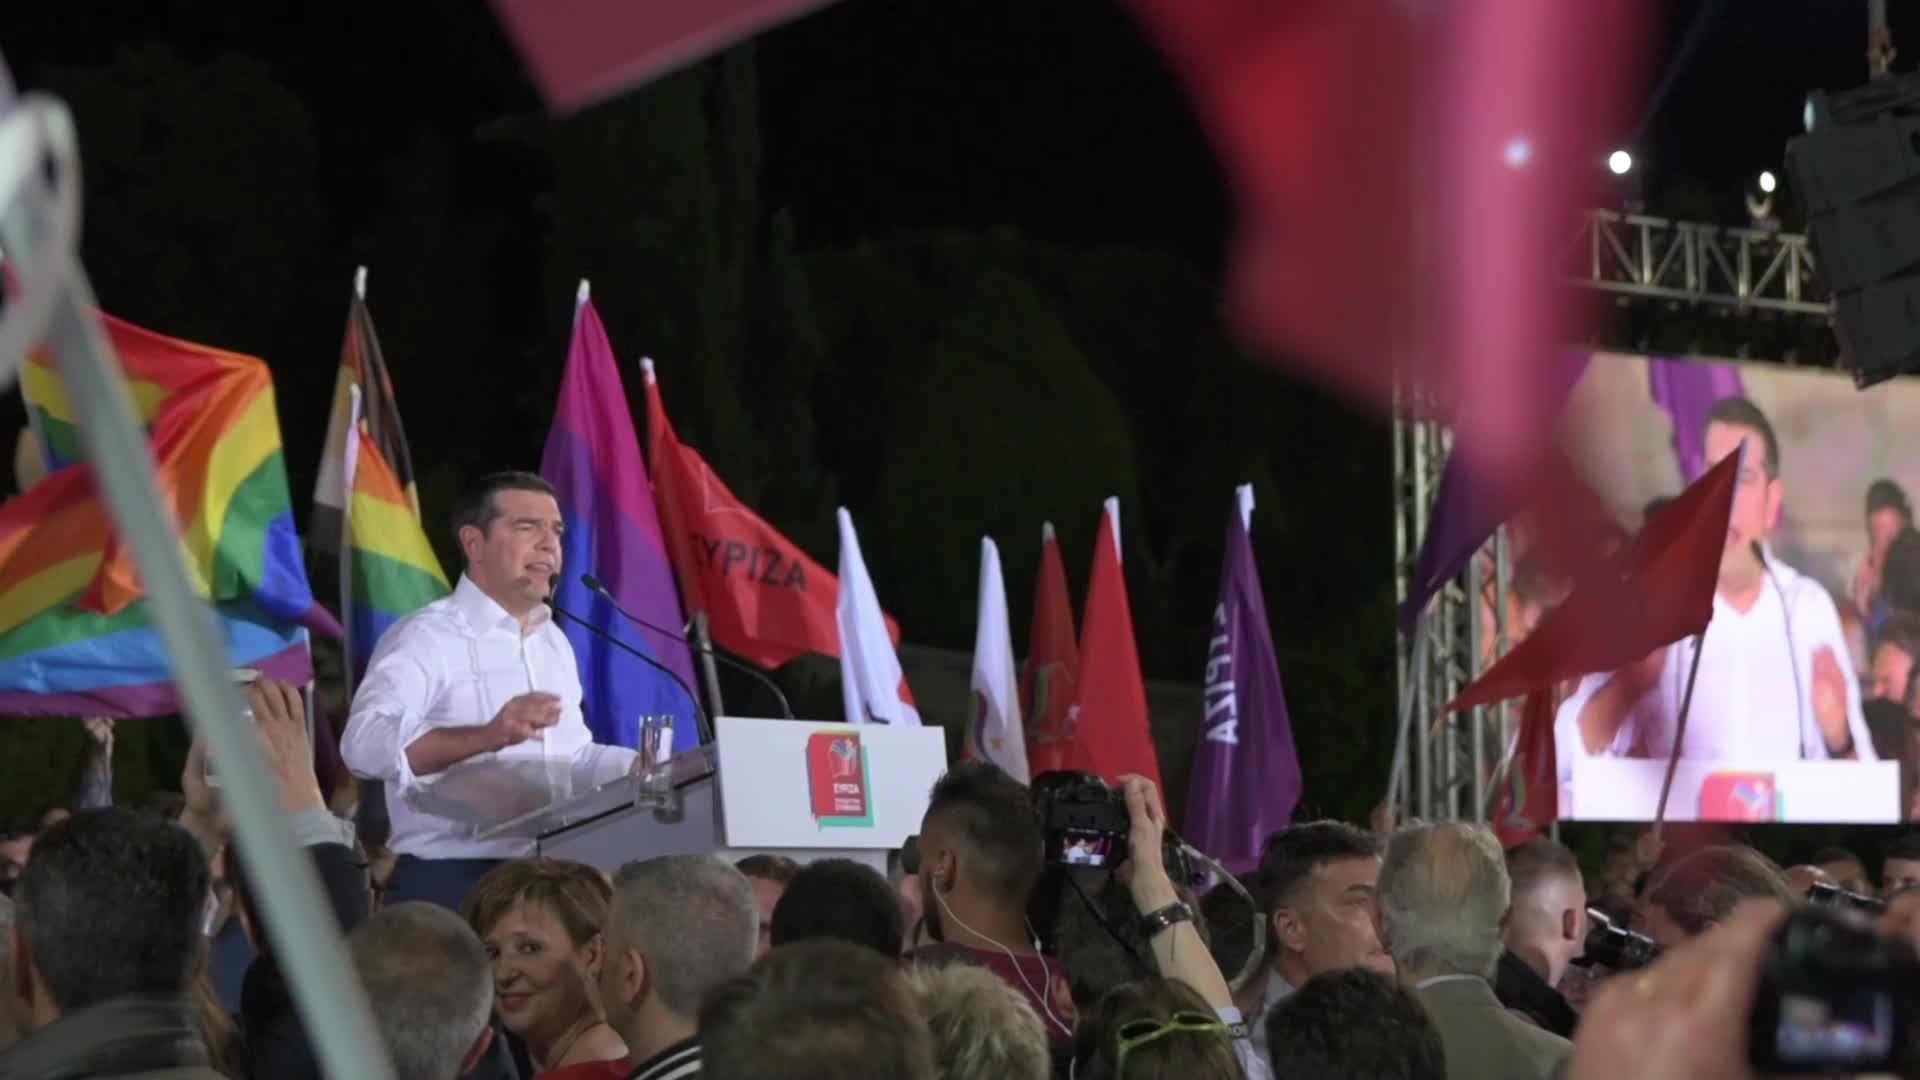 Alexis Tsipras Pre-election campaign speech in Athens, Greece